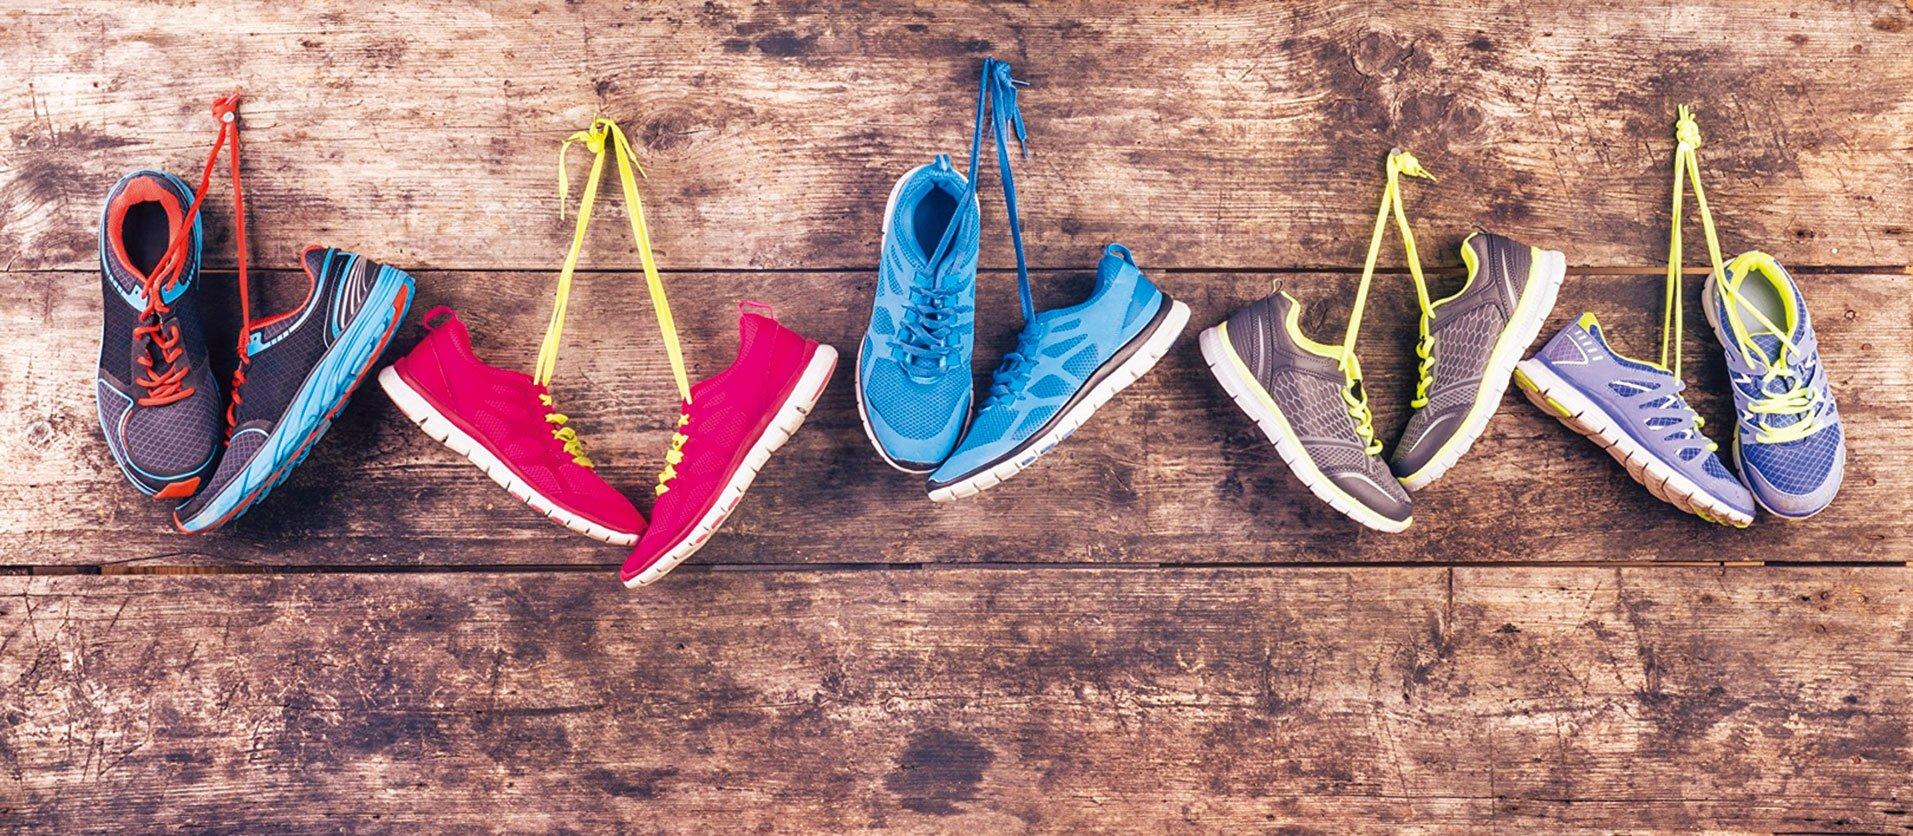 用一些簡單的方法,就可以去除鞋子裏的臭味。(Fotolia)